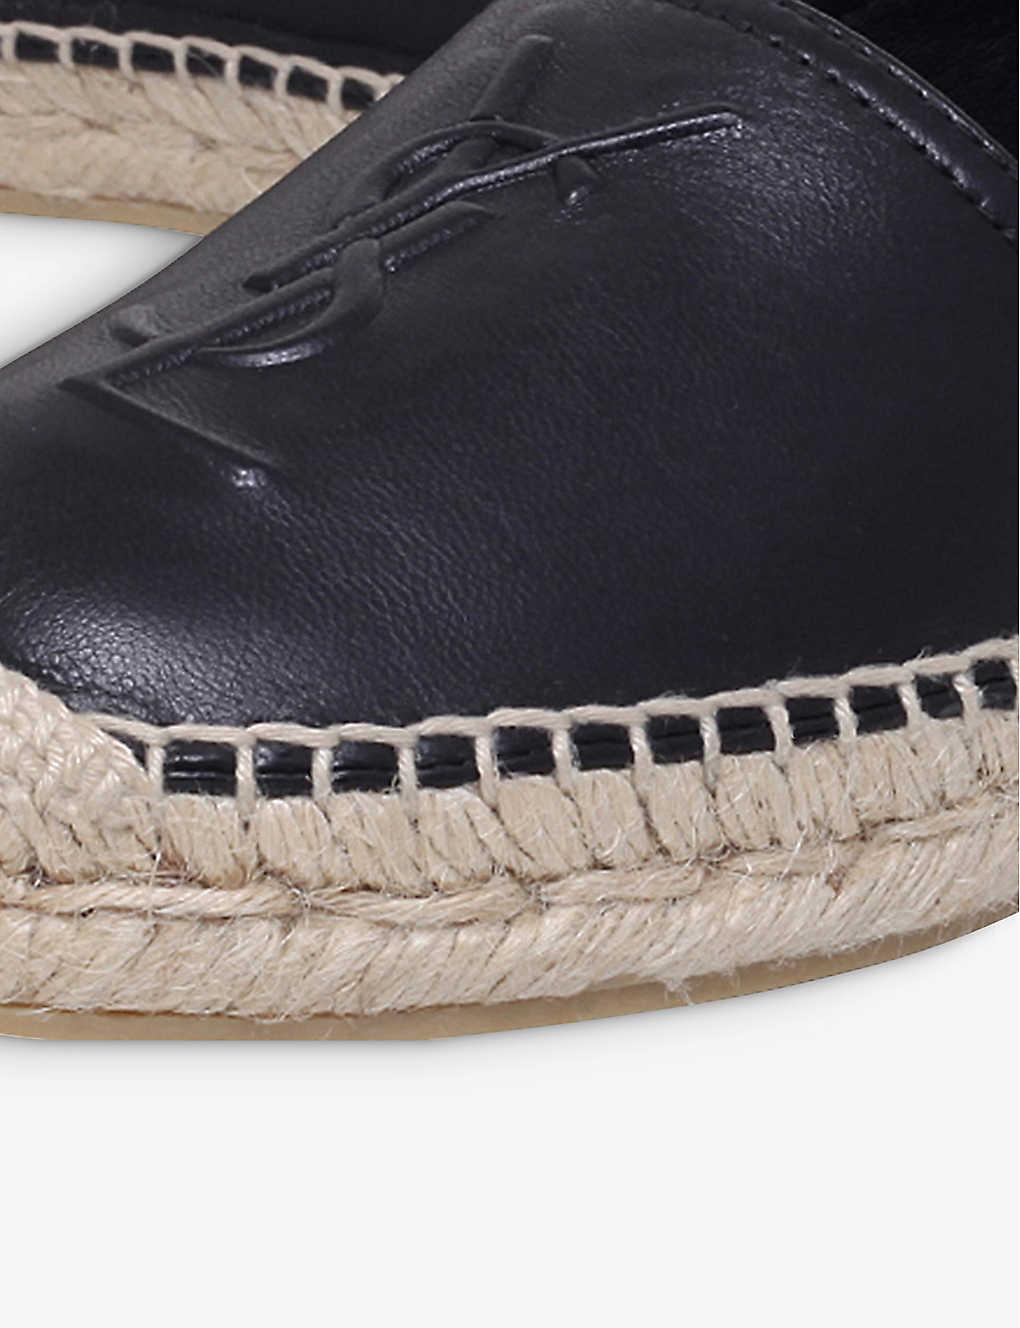 99ee5aaa2 SAINT LAURENT - Leather espadrilles | Selfridges.com